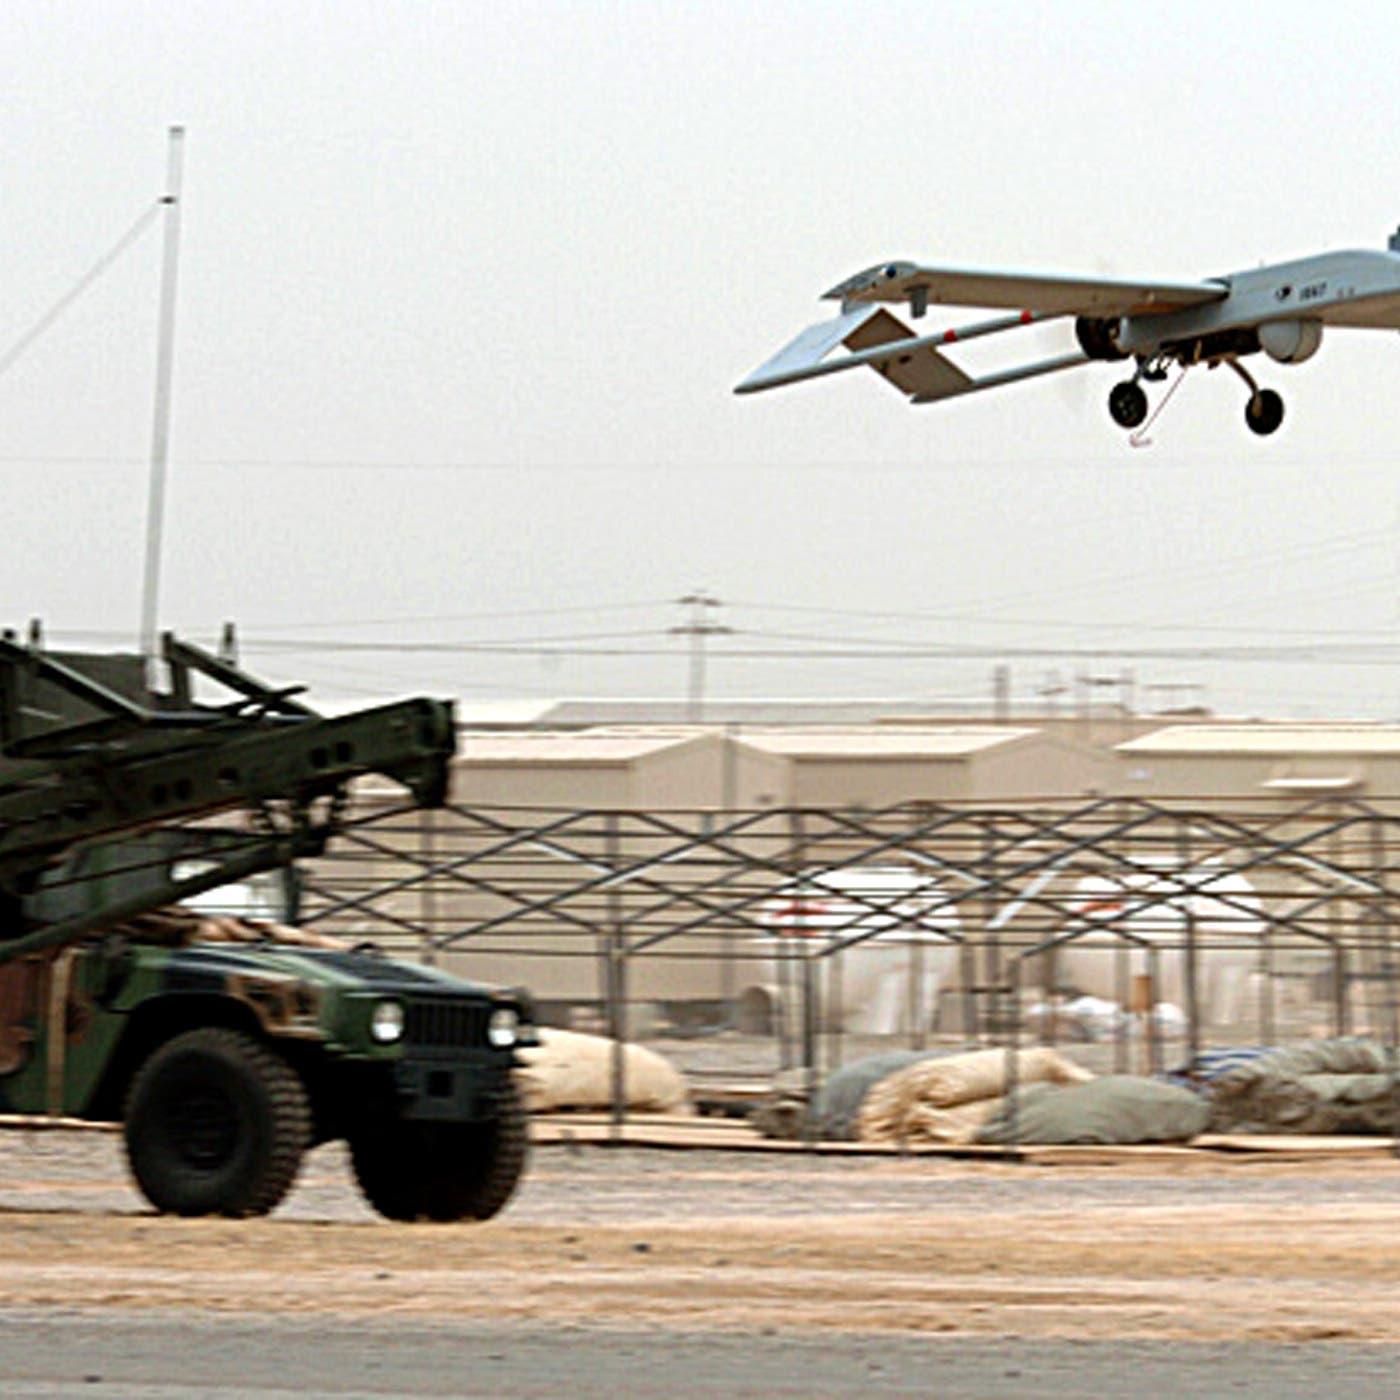 أفغانستان.. غارة أميركية بقندهار وسحق معدات لطالبان